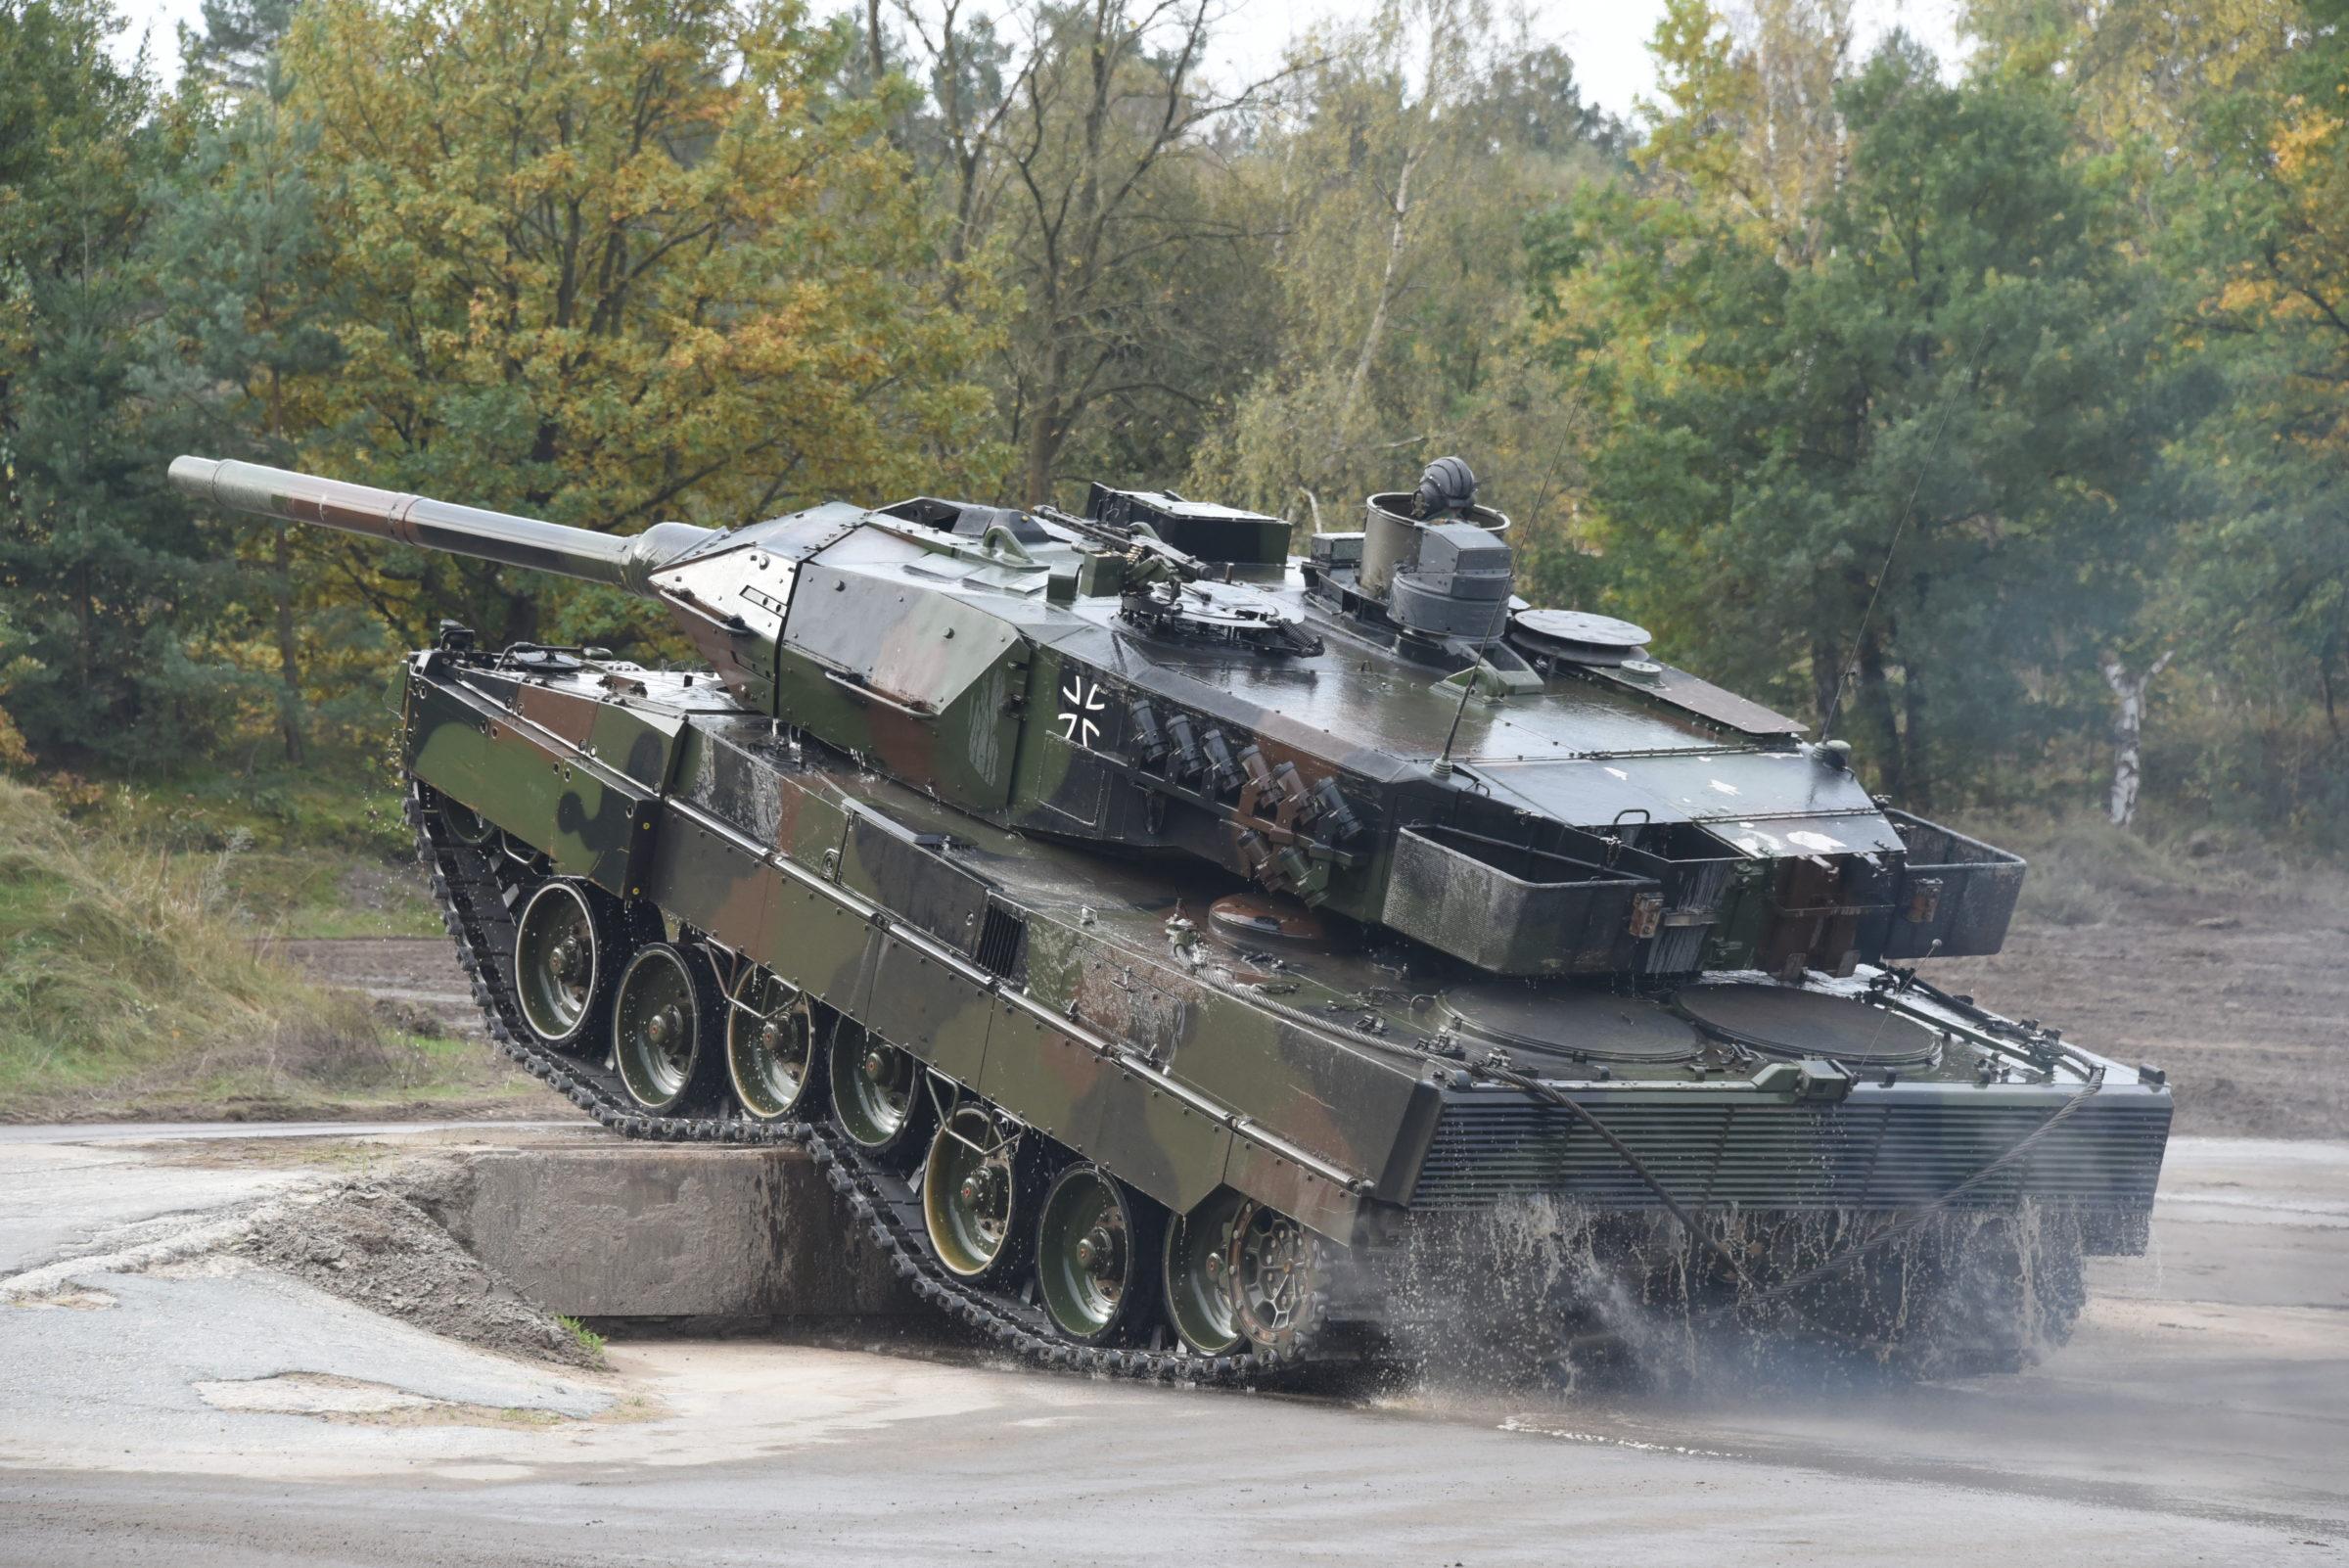 Leopard-2A6-e1581070287267.jpg